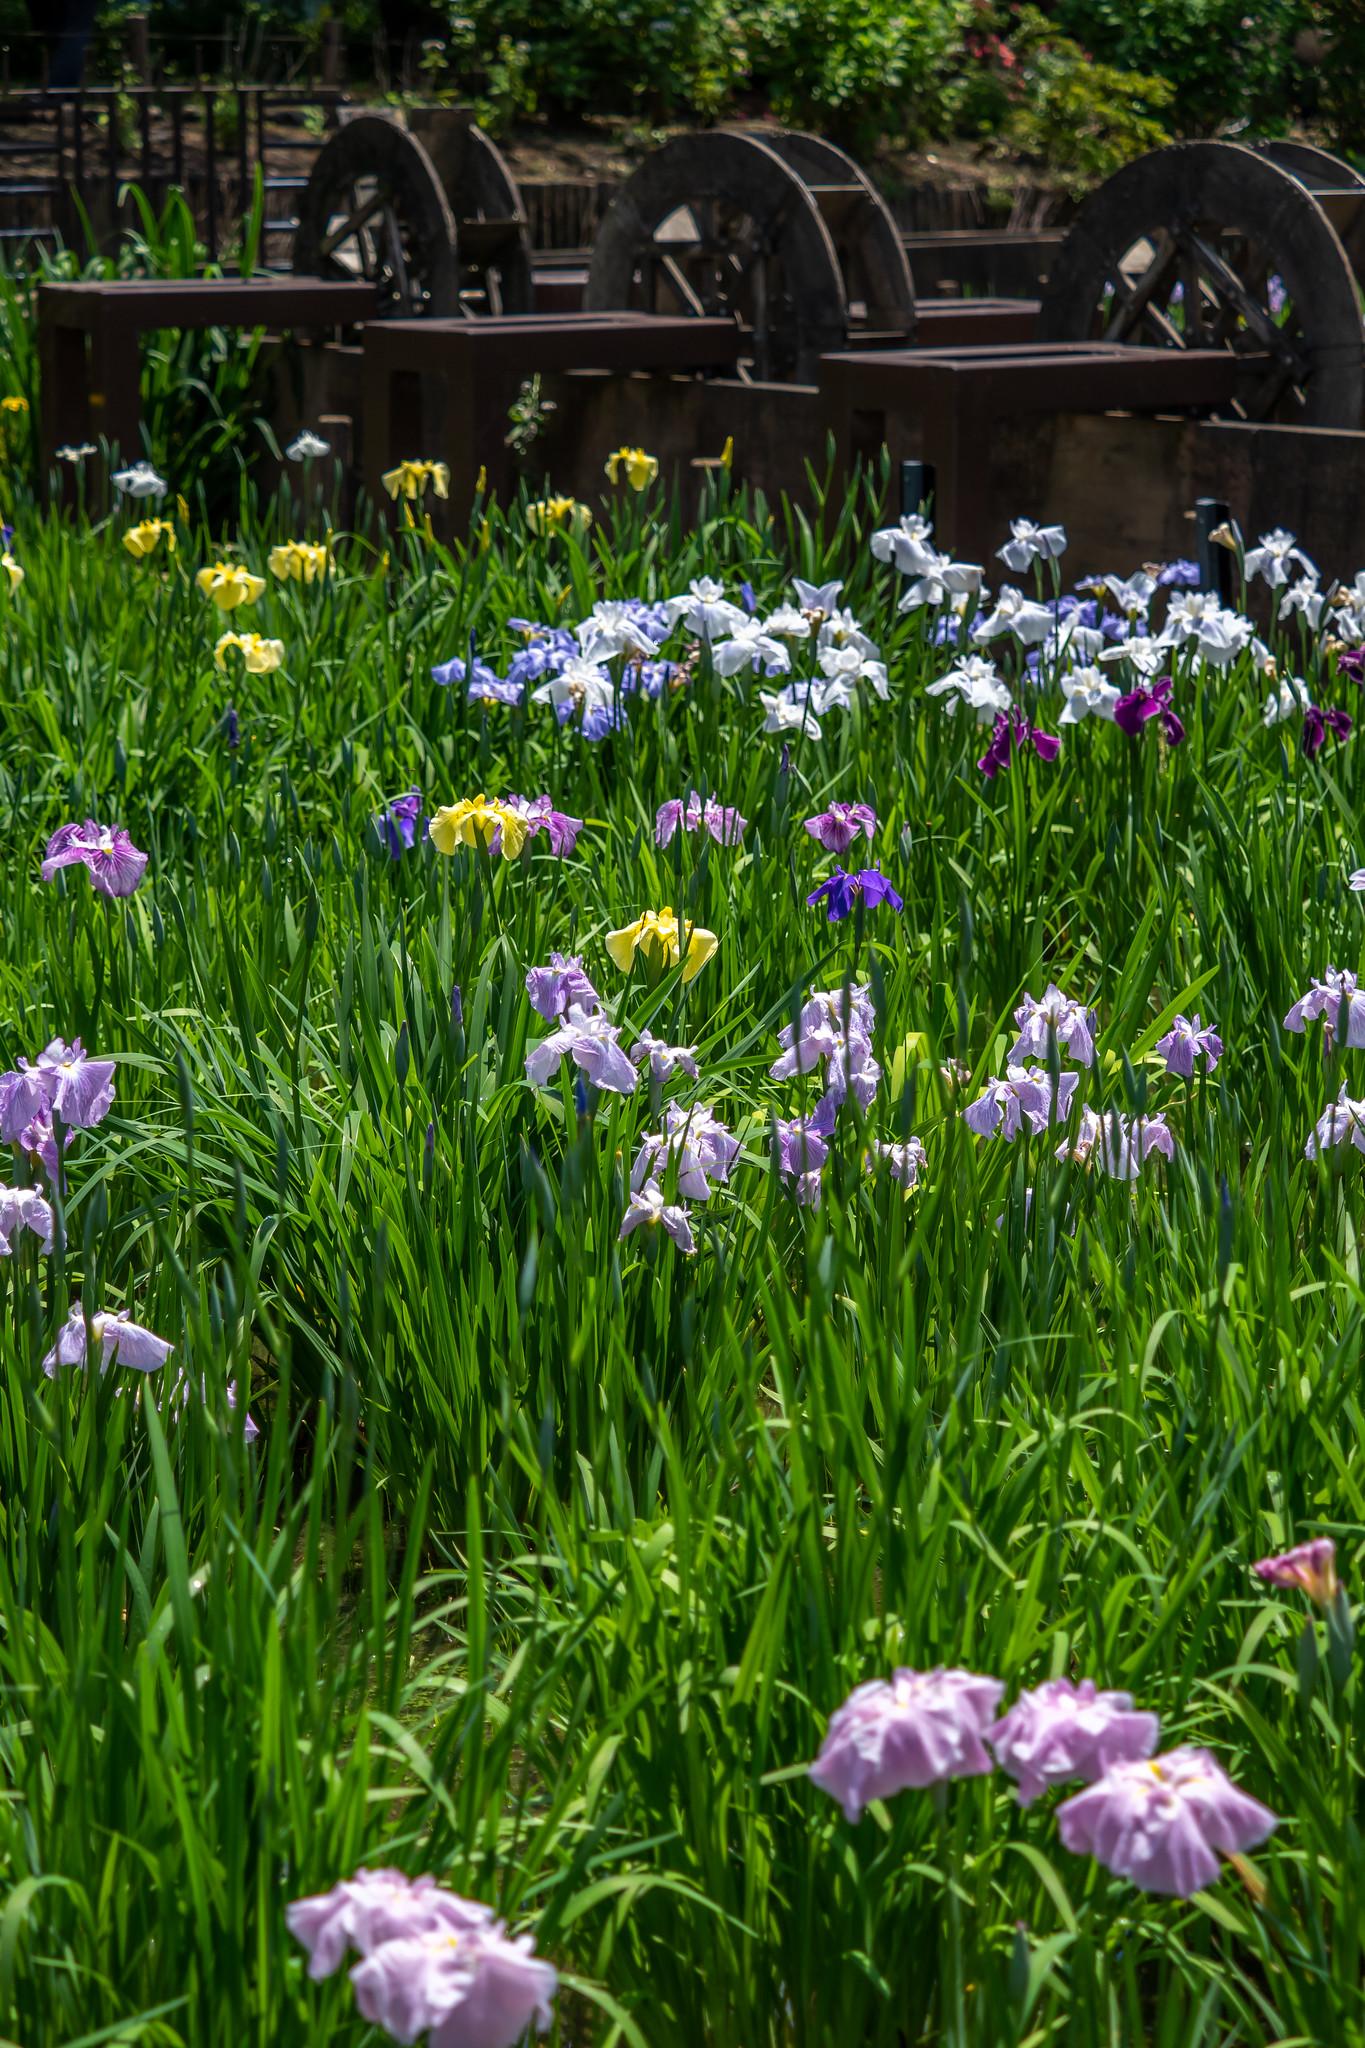 足立区の花菖蒲の名所 しょうぶ沼公園